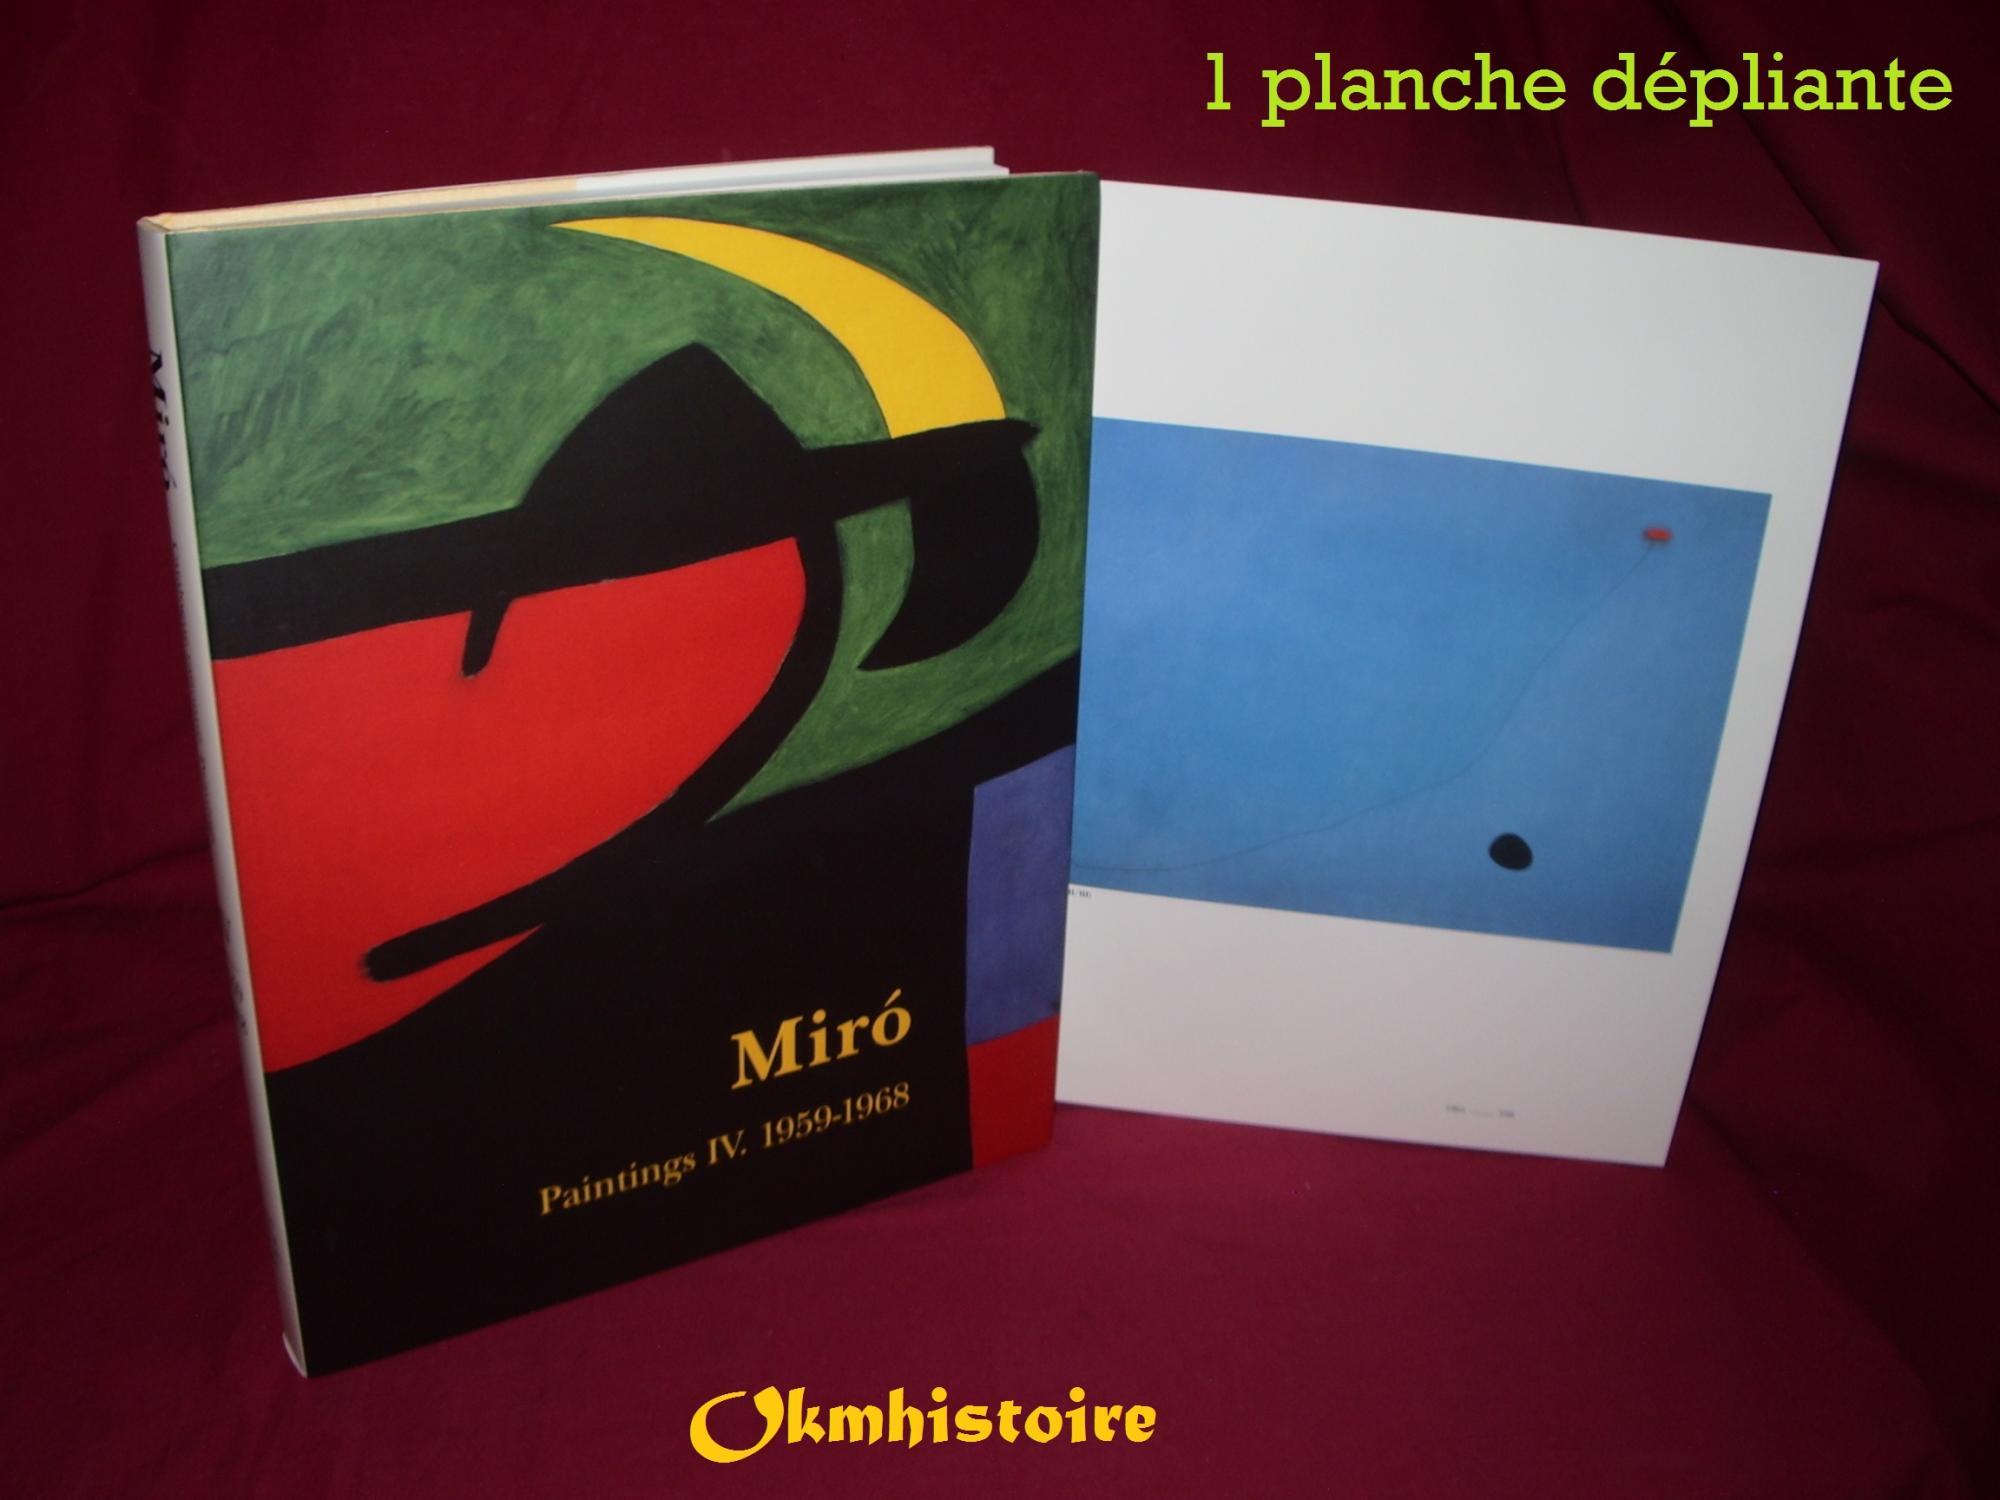 Miró Catalogue Raisonné, Paintings, Volume IV: 1959-1968: 4